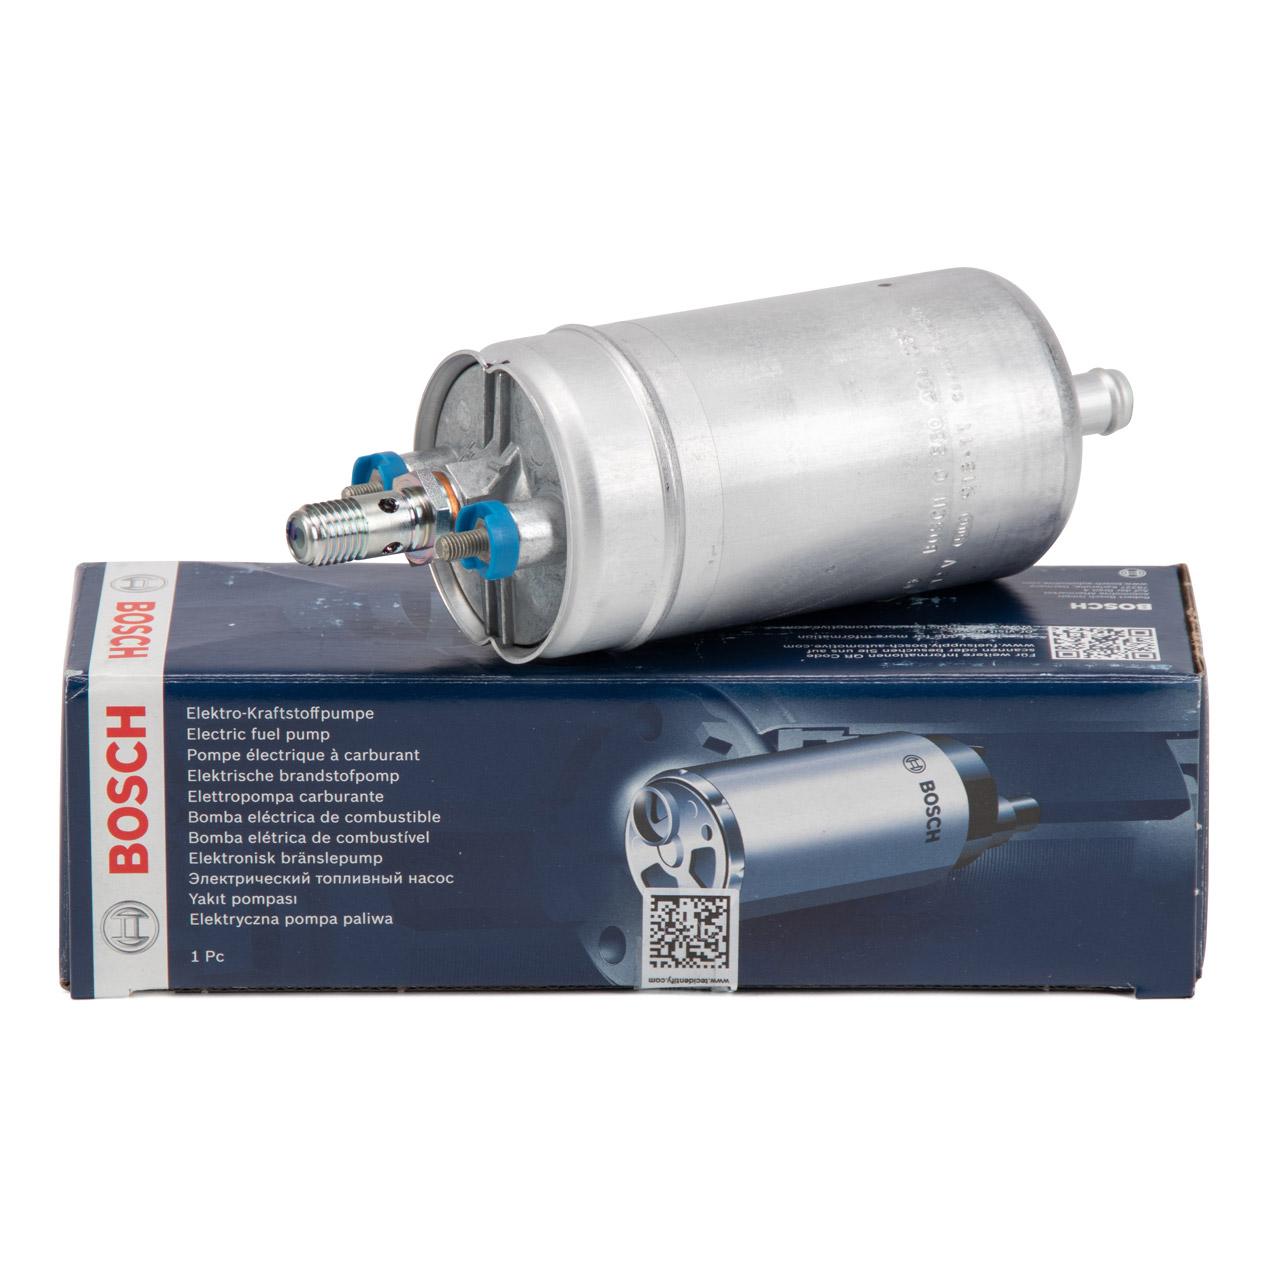 BOSCH 0580464057 Kraftstoffpumpe für PORSCHE 928 5.0 GT 5.0 S / S4 5.4 GTS